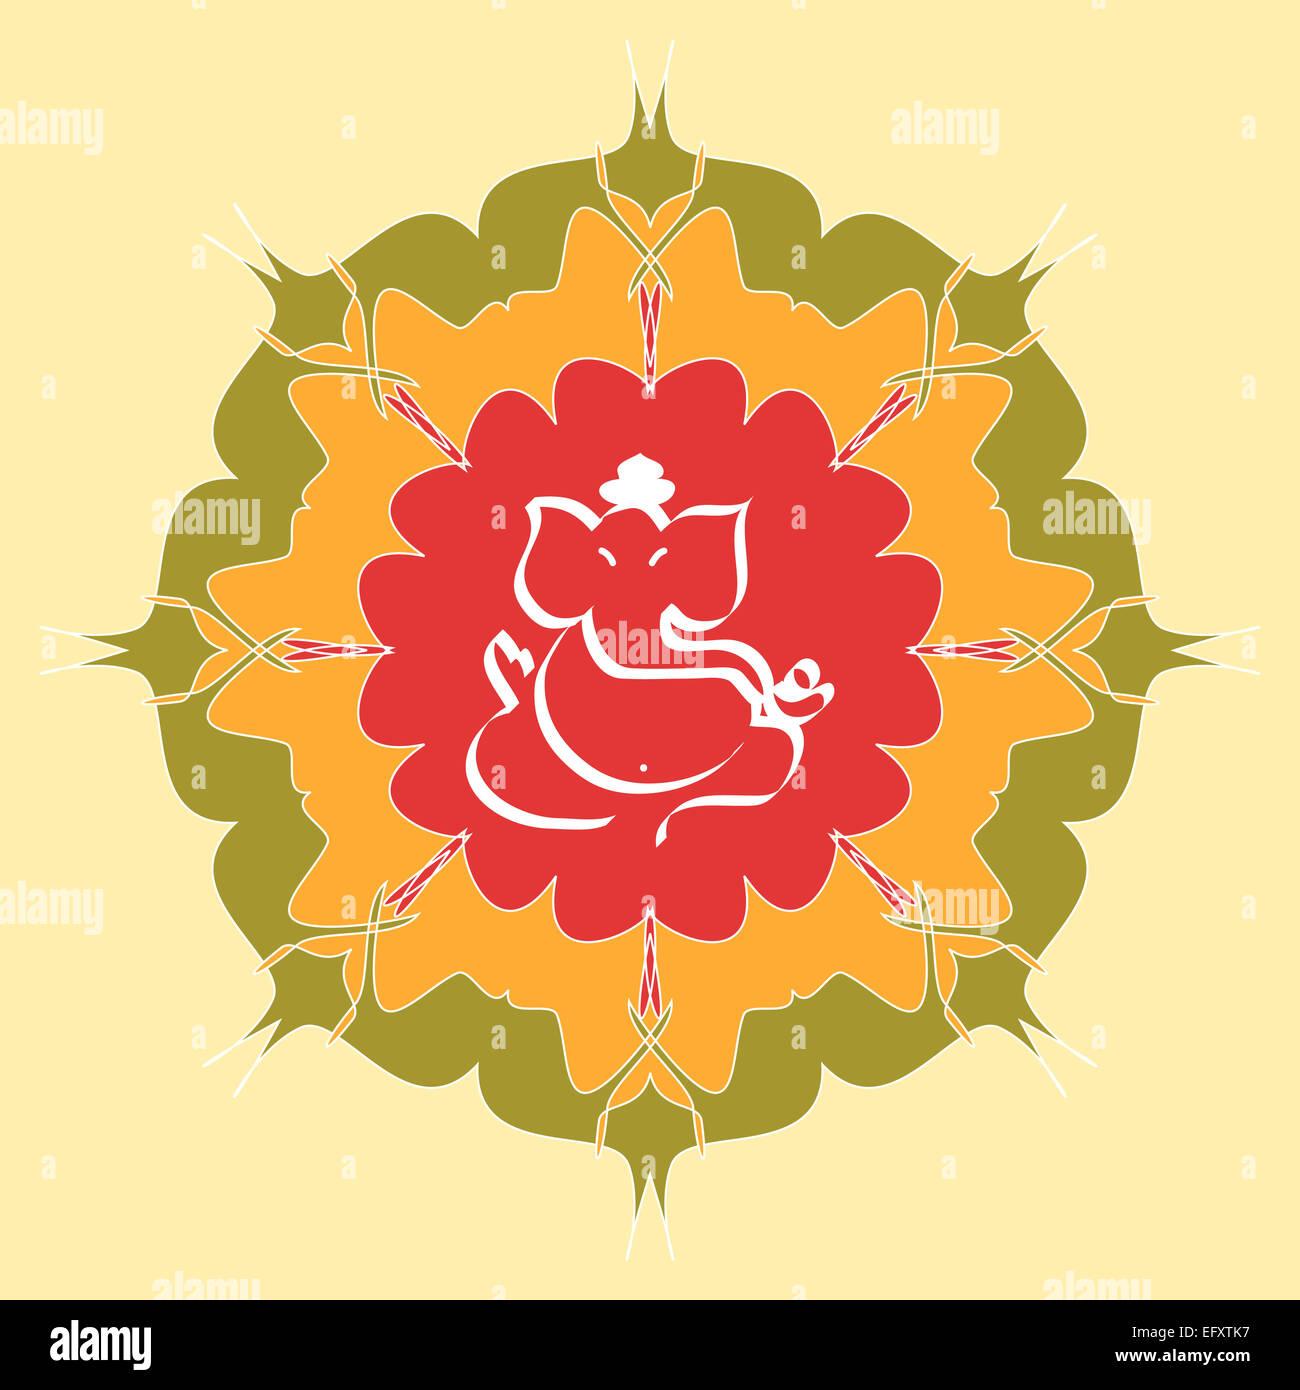 Indian God Ganesha on mandala design Stock Photo